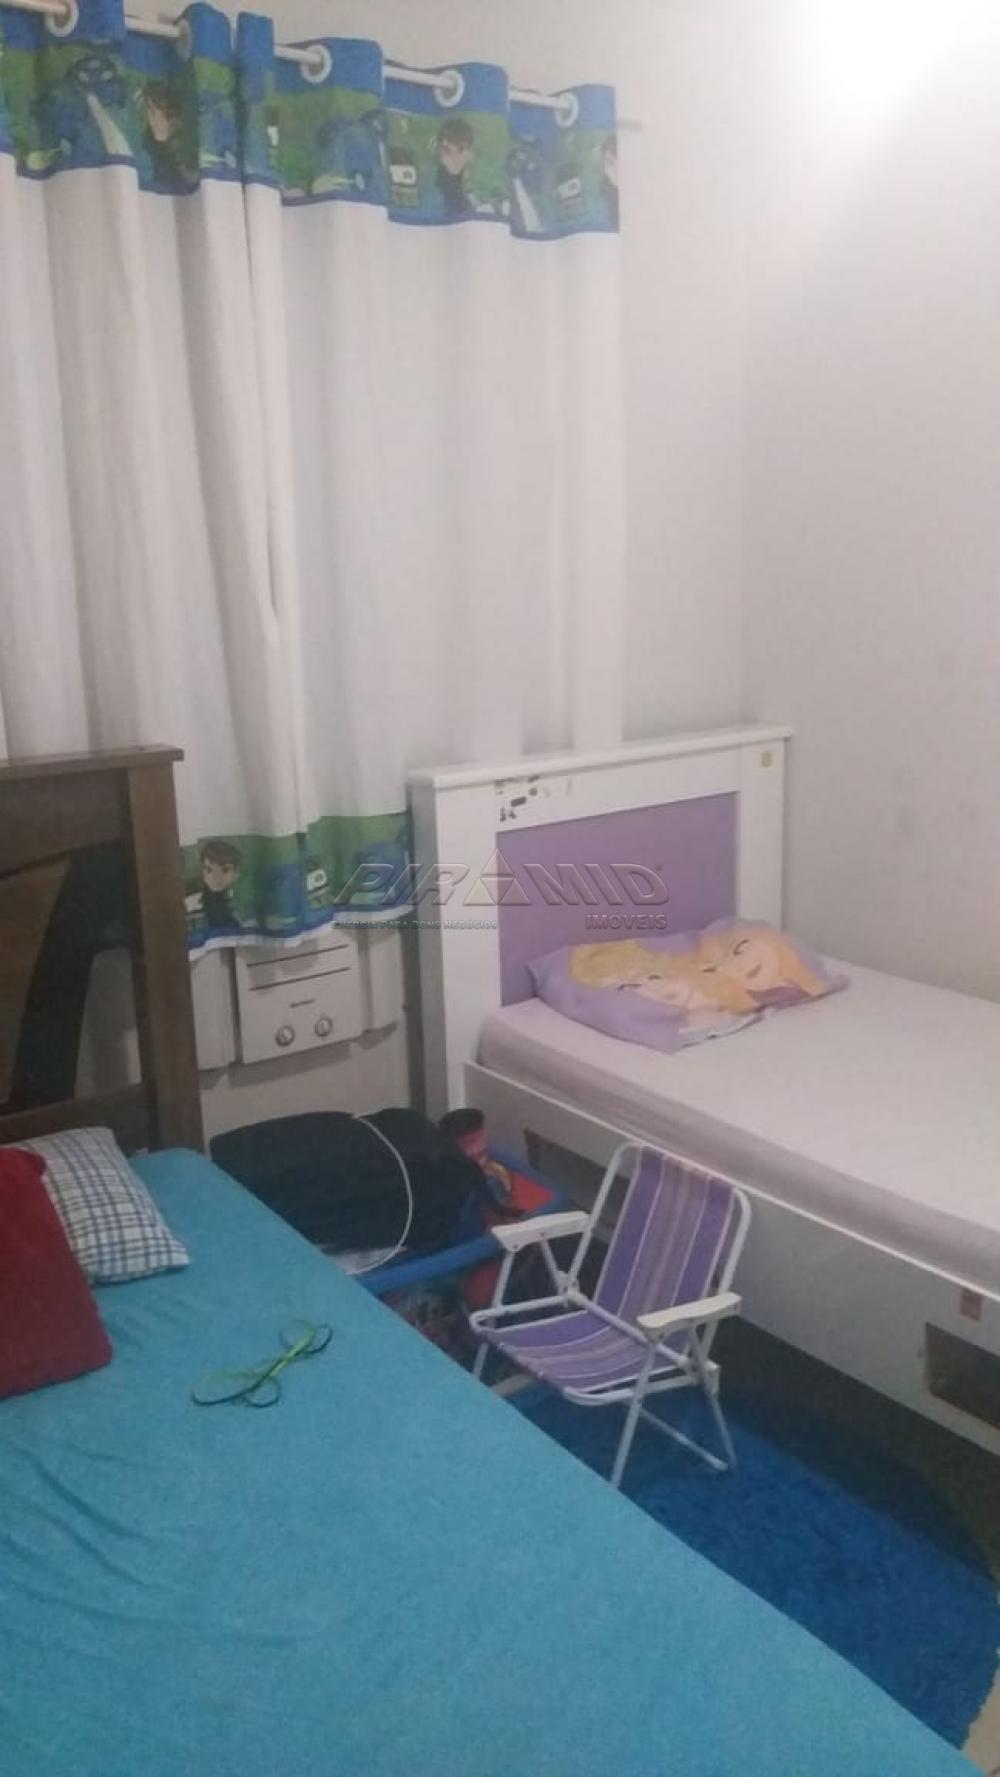 Comprar Apartamento / Padrão em Ribeirão Preto apenas R$ 170.000,00 - Foto 3